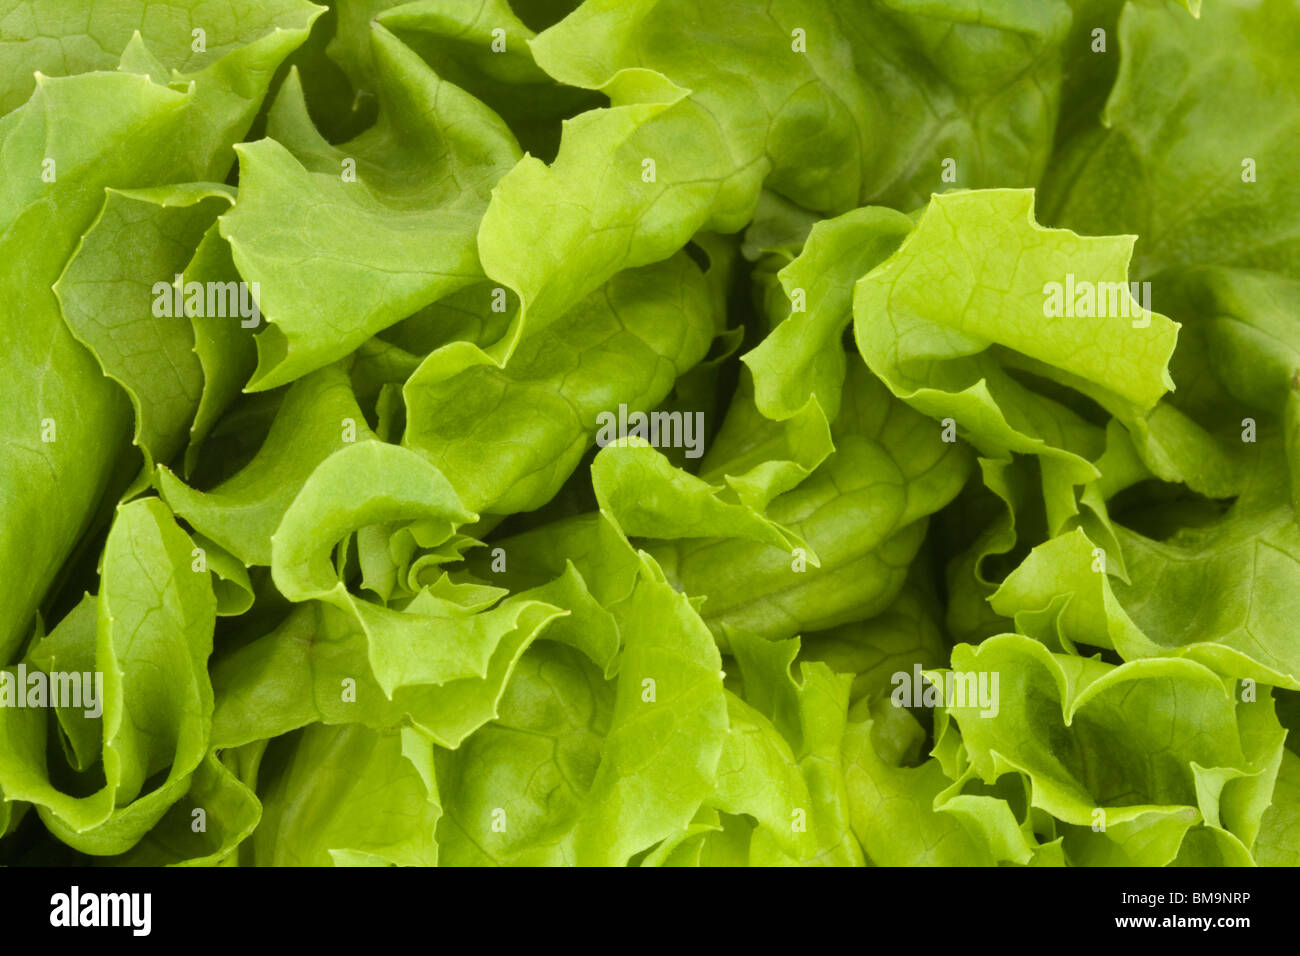 Nahaufnahme von einem frischen grünen Salat-Hintergrund Stockbild